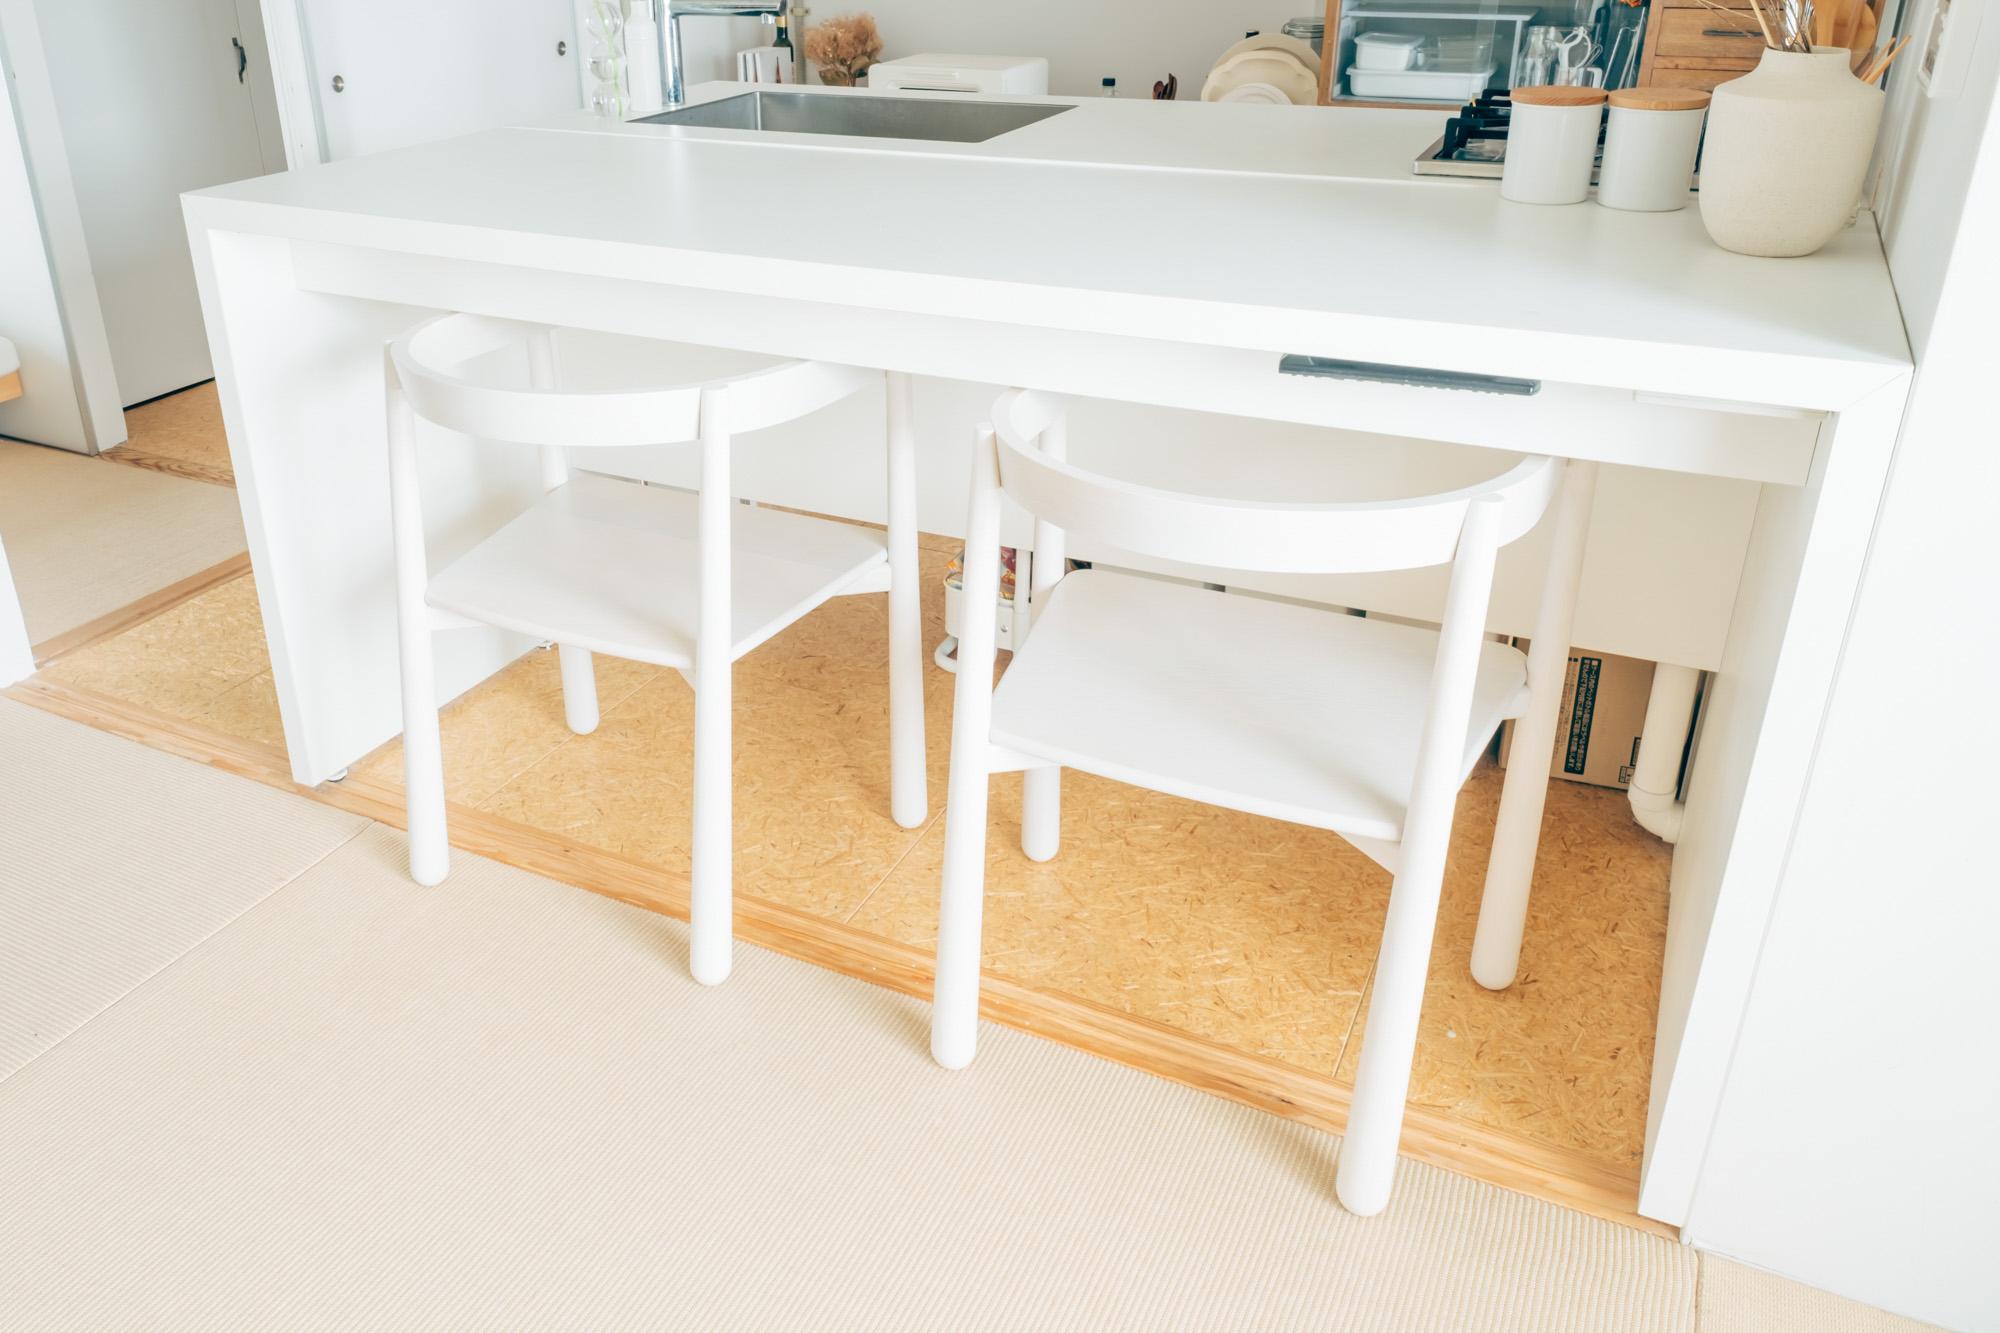 キッチンと合わせて備え付けの白いカウンターテーブル。「たまたま、ぴったりだった」というご家族からいただいたチェアを合わせていらっしゃいます。